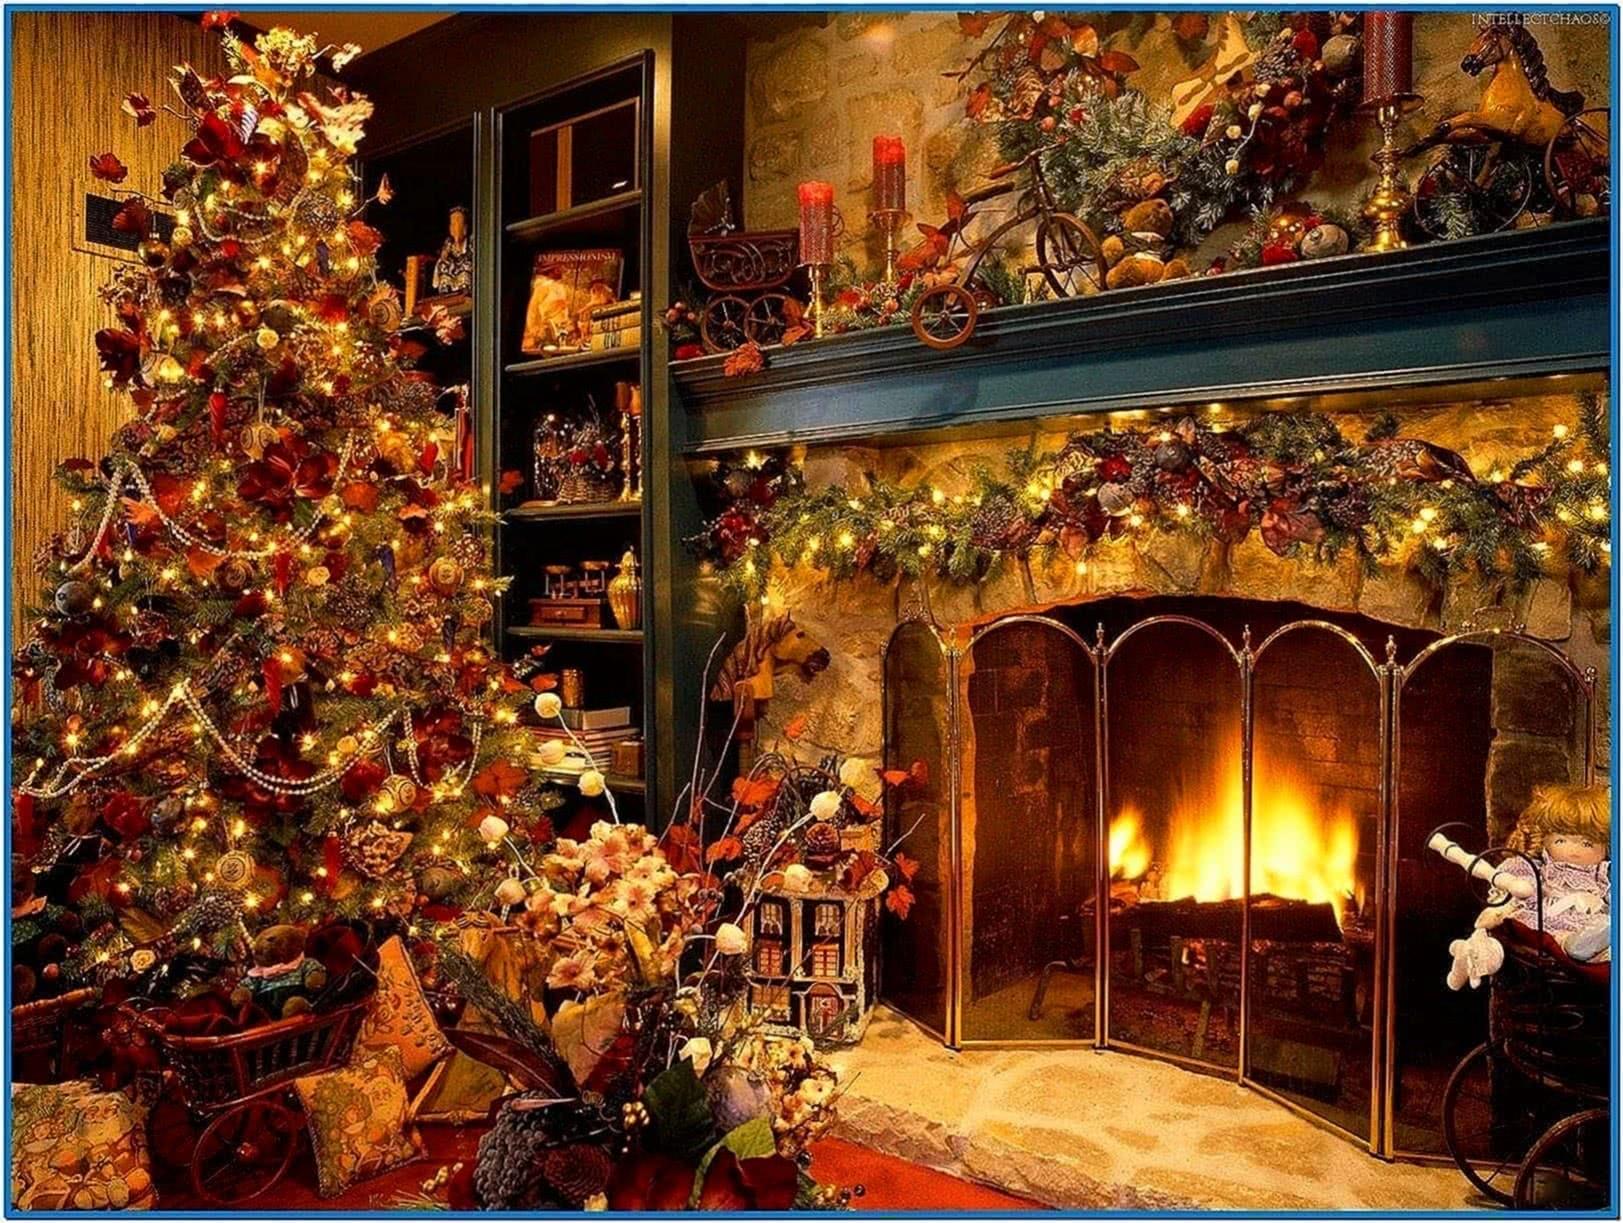 Holiday Screensavers and Wallpaper